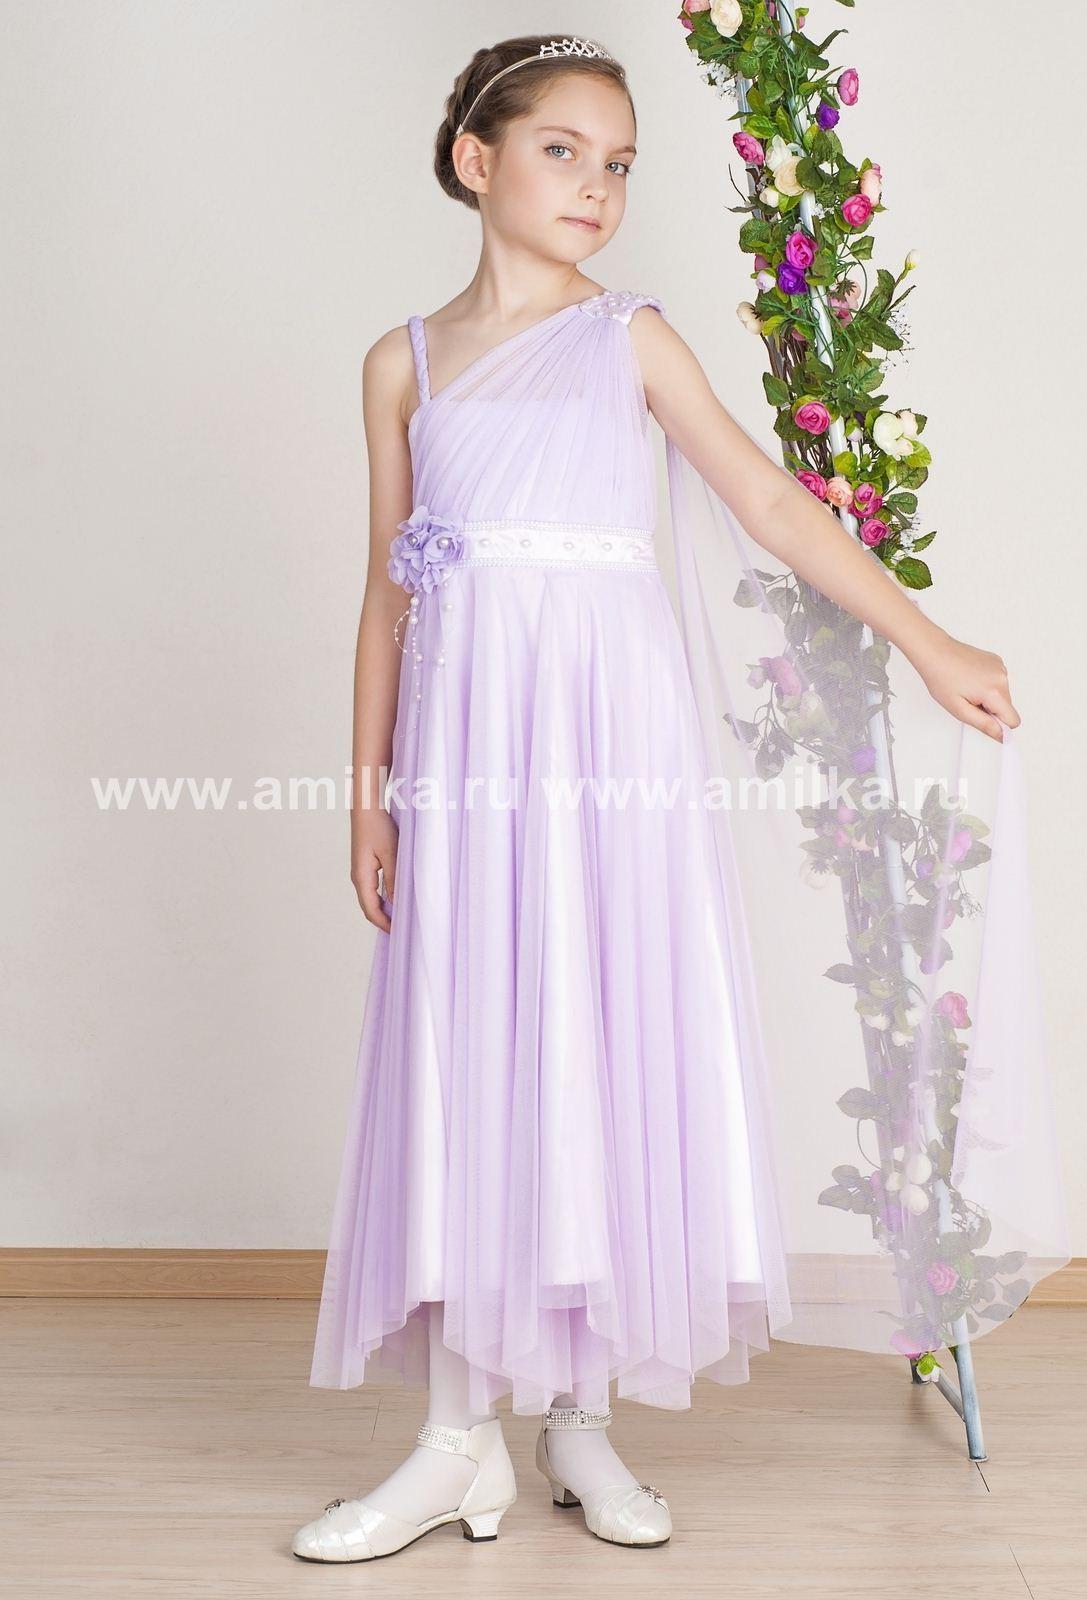 Купить Платье В Греческом Стиле Для Девочек